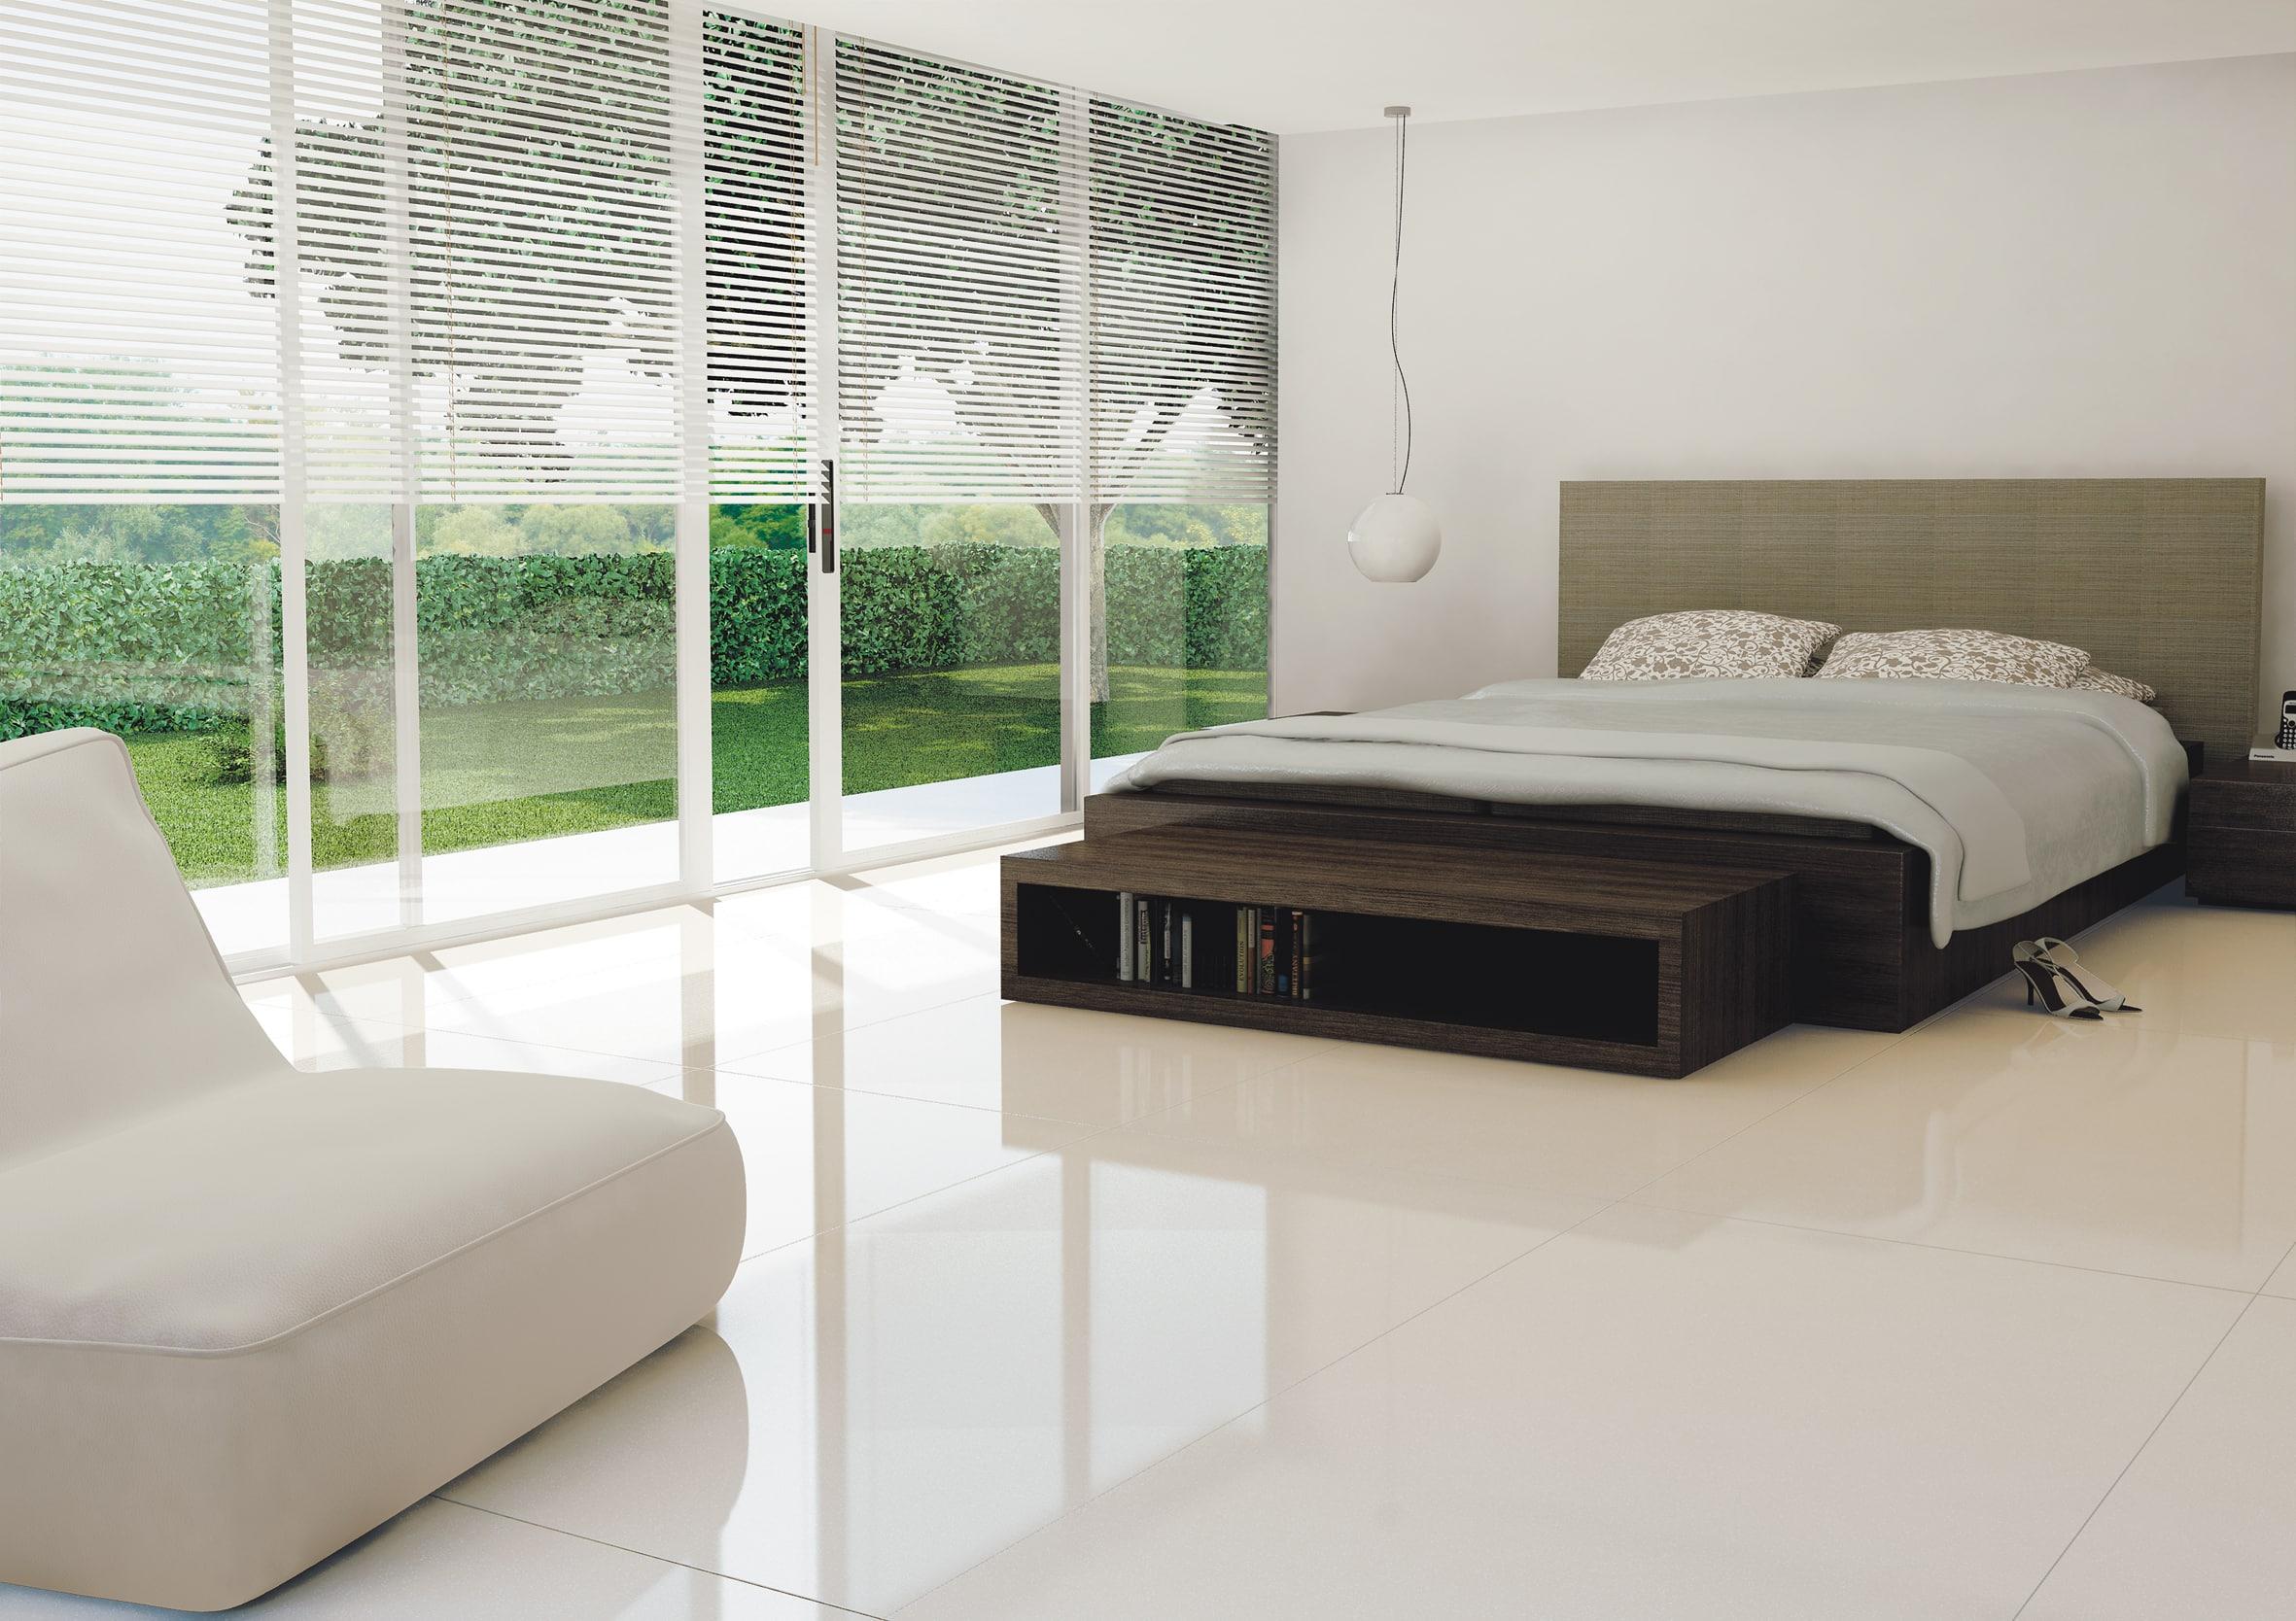 Piso de porcelanato: características vantagens e dicas Dormitório  #4B8058 2362 1668